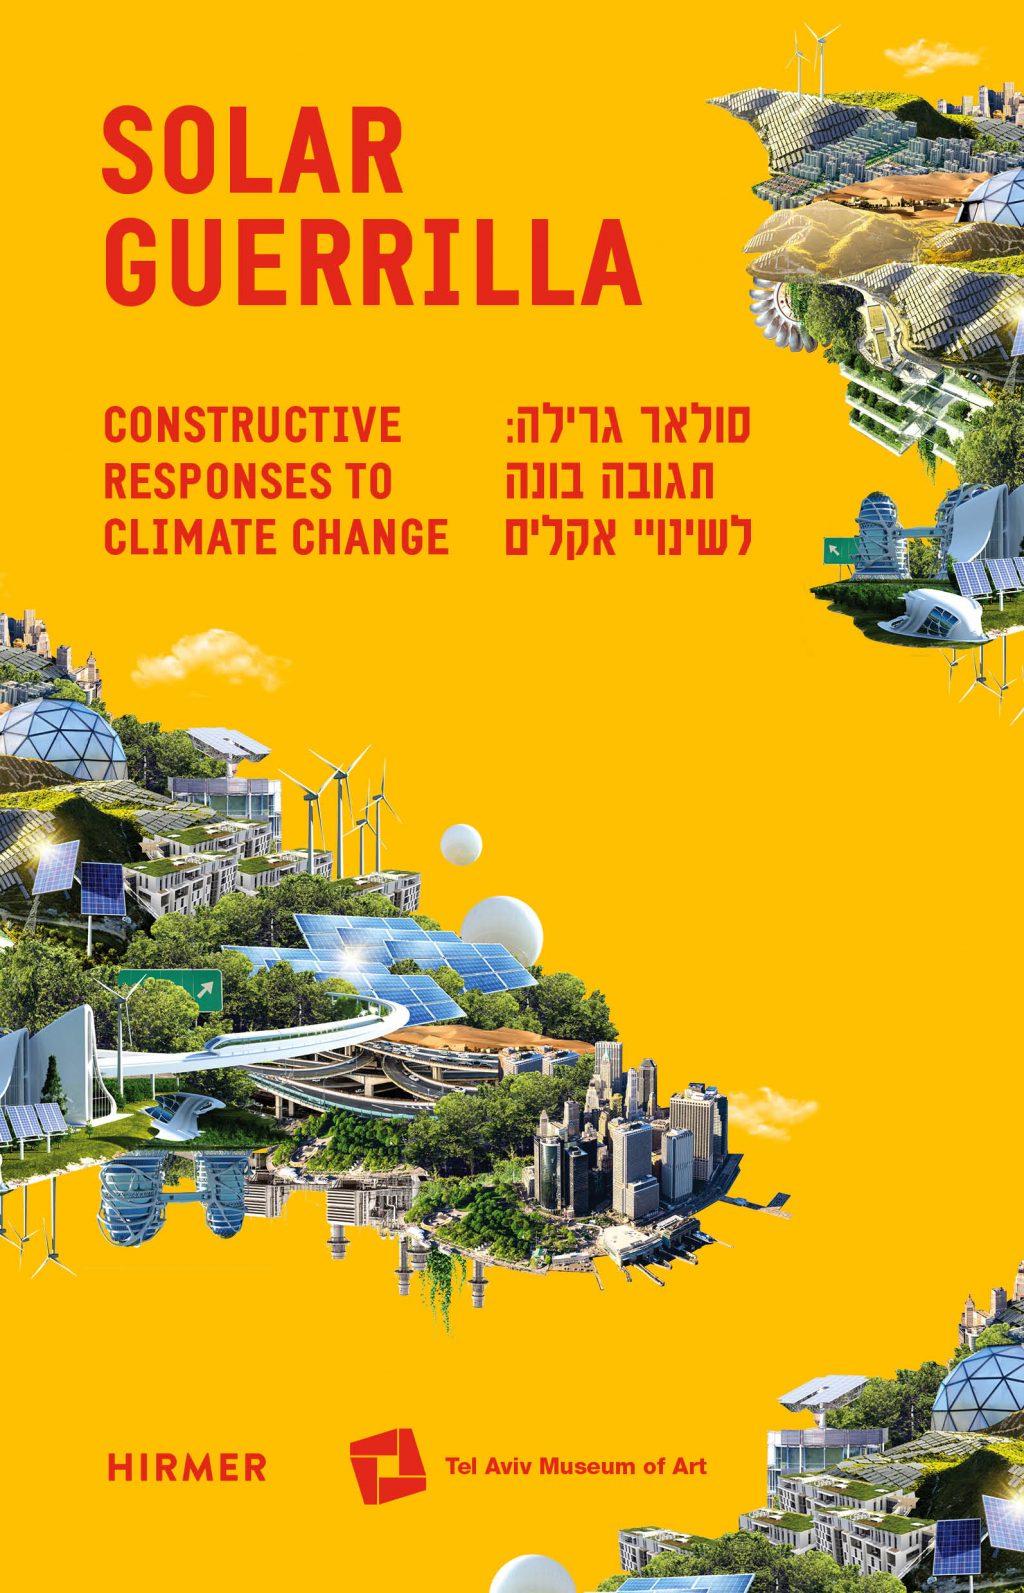 בתמונה: כרזת התערוכה- ״סולאר גרילה: תגובה בונה לשינוי אקלים״